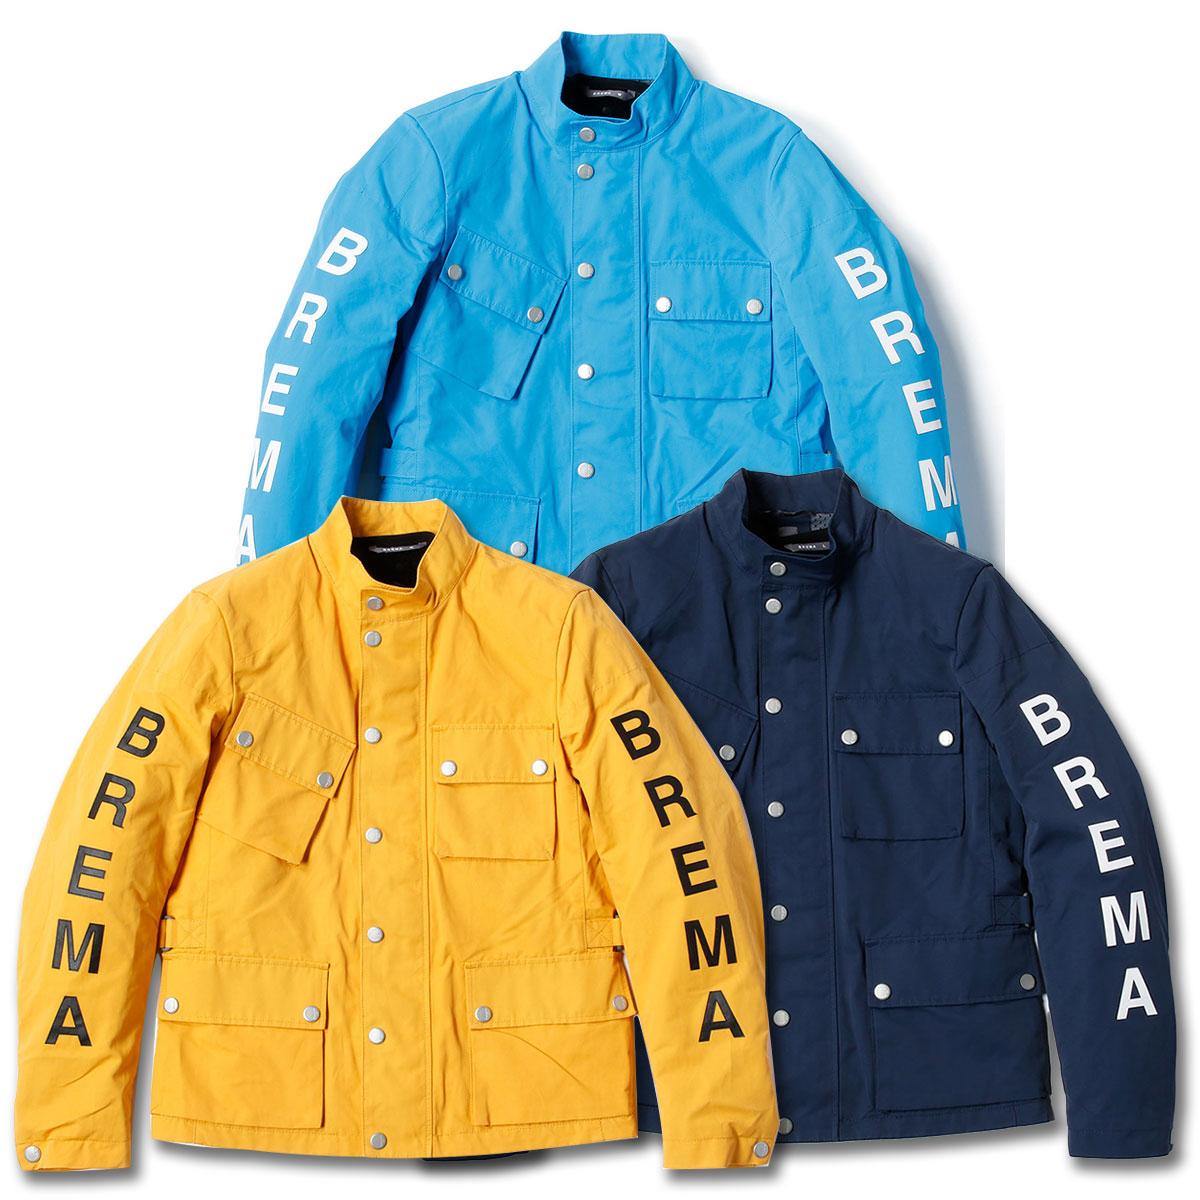 1969年にイタリアで設立された伝統あるオートバイアパレルブランドBREMA ブレマ BREMA 現品 SILVER 卓抜 VASE J-MAN ジャケット オフロードレース アウター バイク メンズ